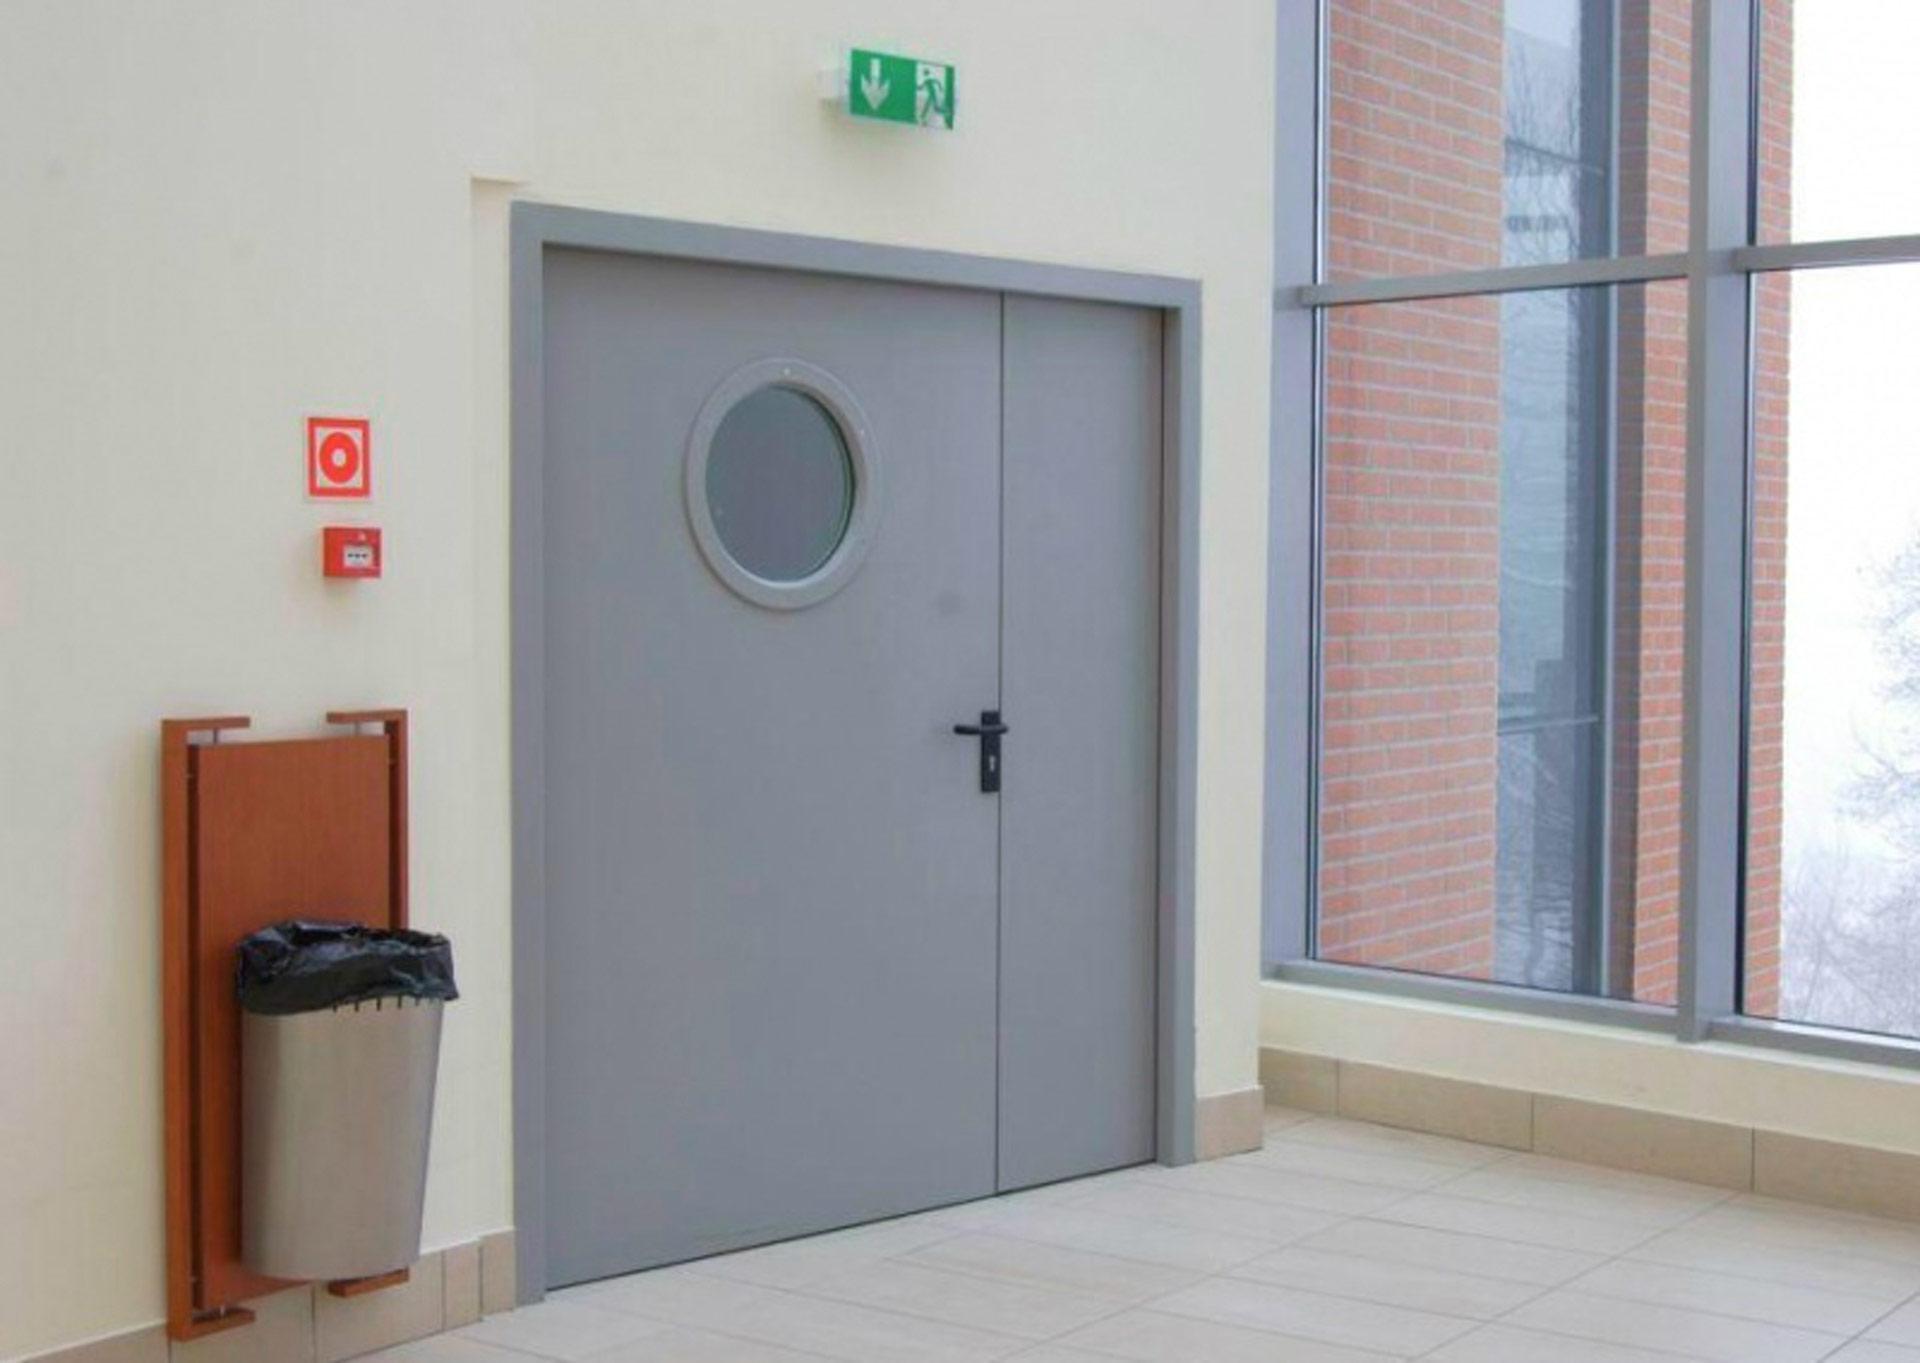 Les portes coupe feu pomapi - Porte interieure coupe feu ...